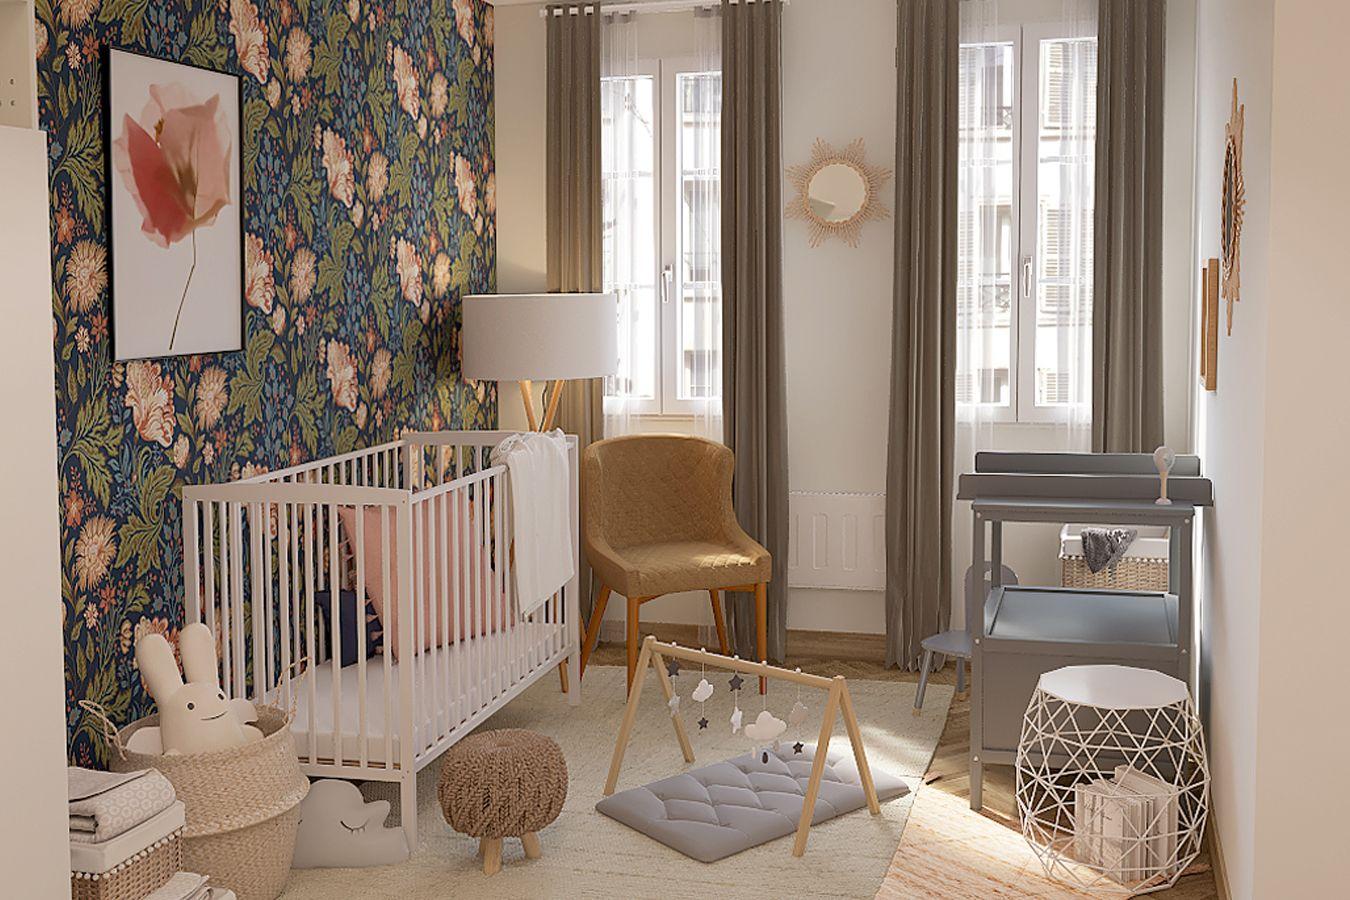 Comment Amenager Une Chambre De Bebe A Prix Mini Comment